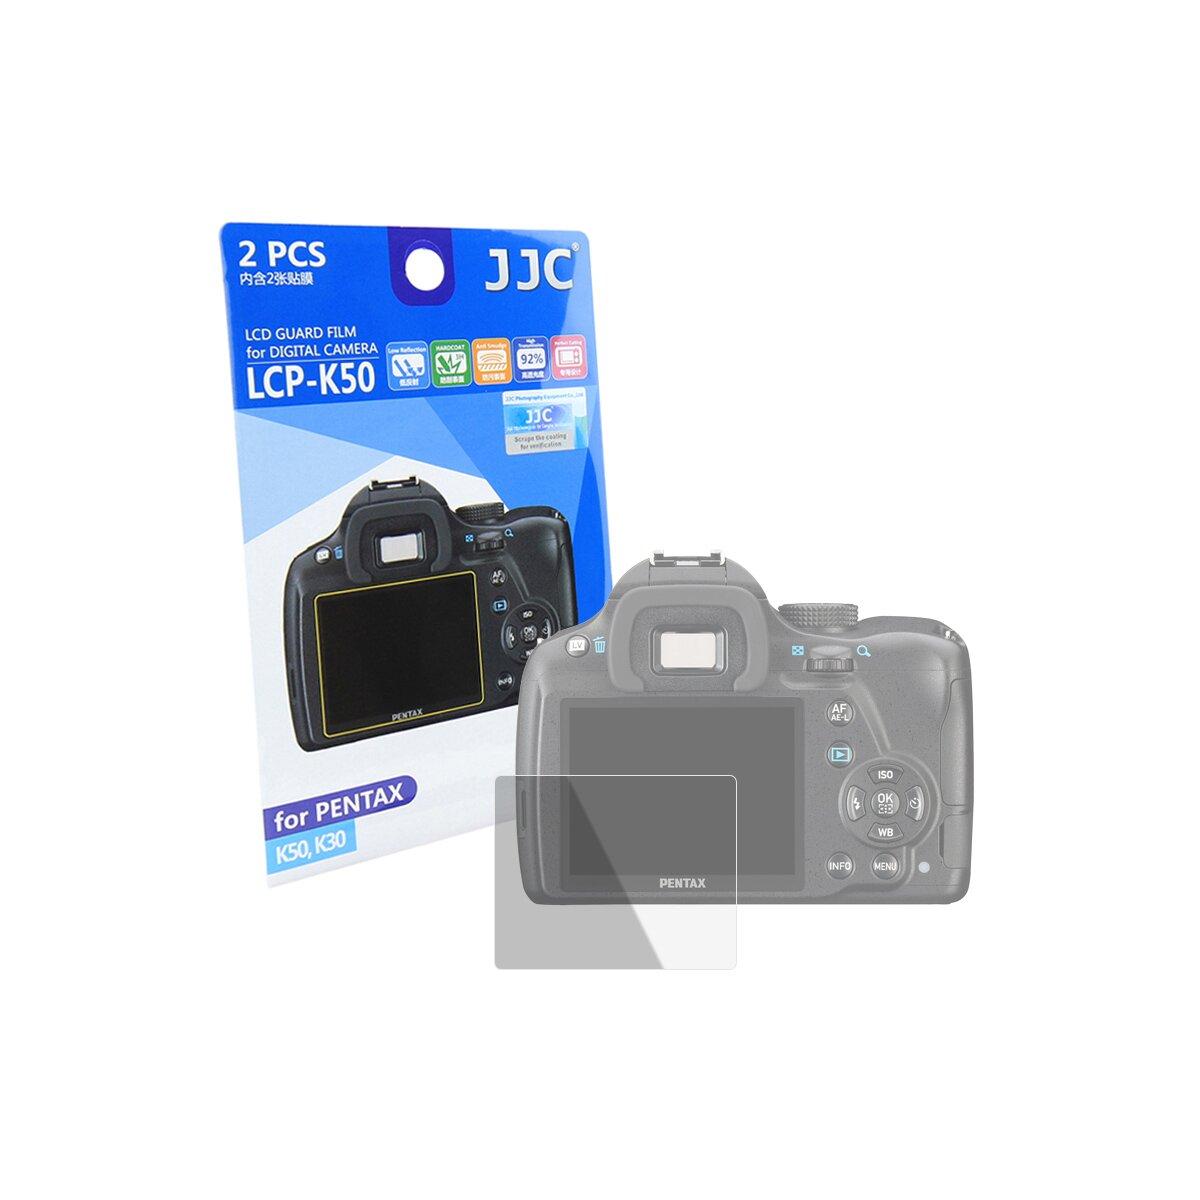 JJC Kamera-Displayschutzfolie für Pentax K50, K30 | Gehärtete 9H Schutzfolie, schütz vor Kratzern | Klarer Bildschirm